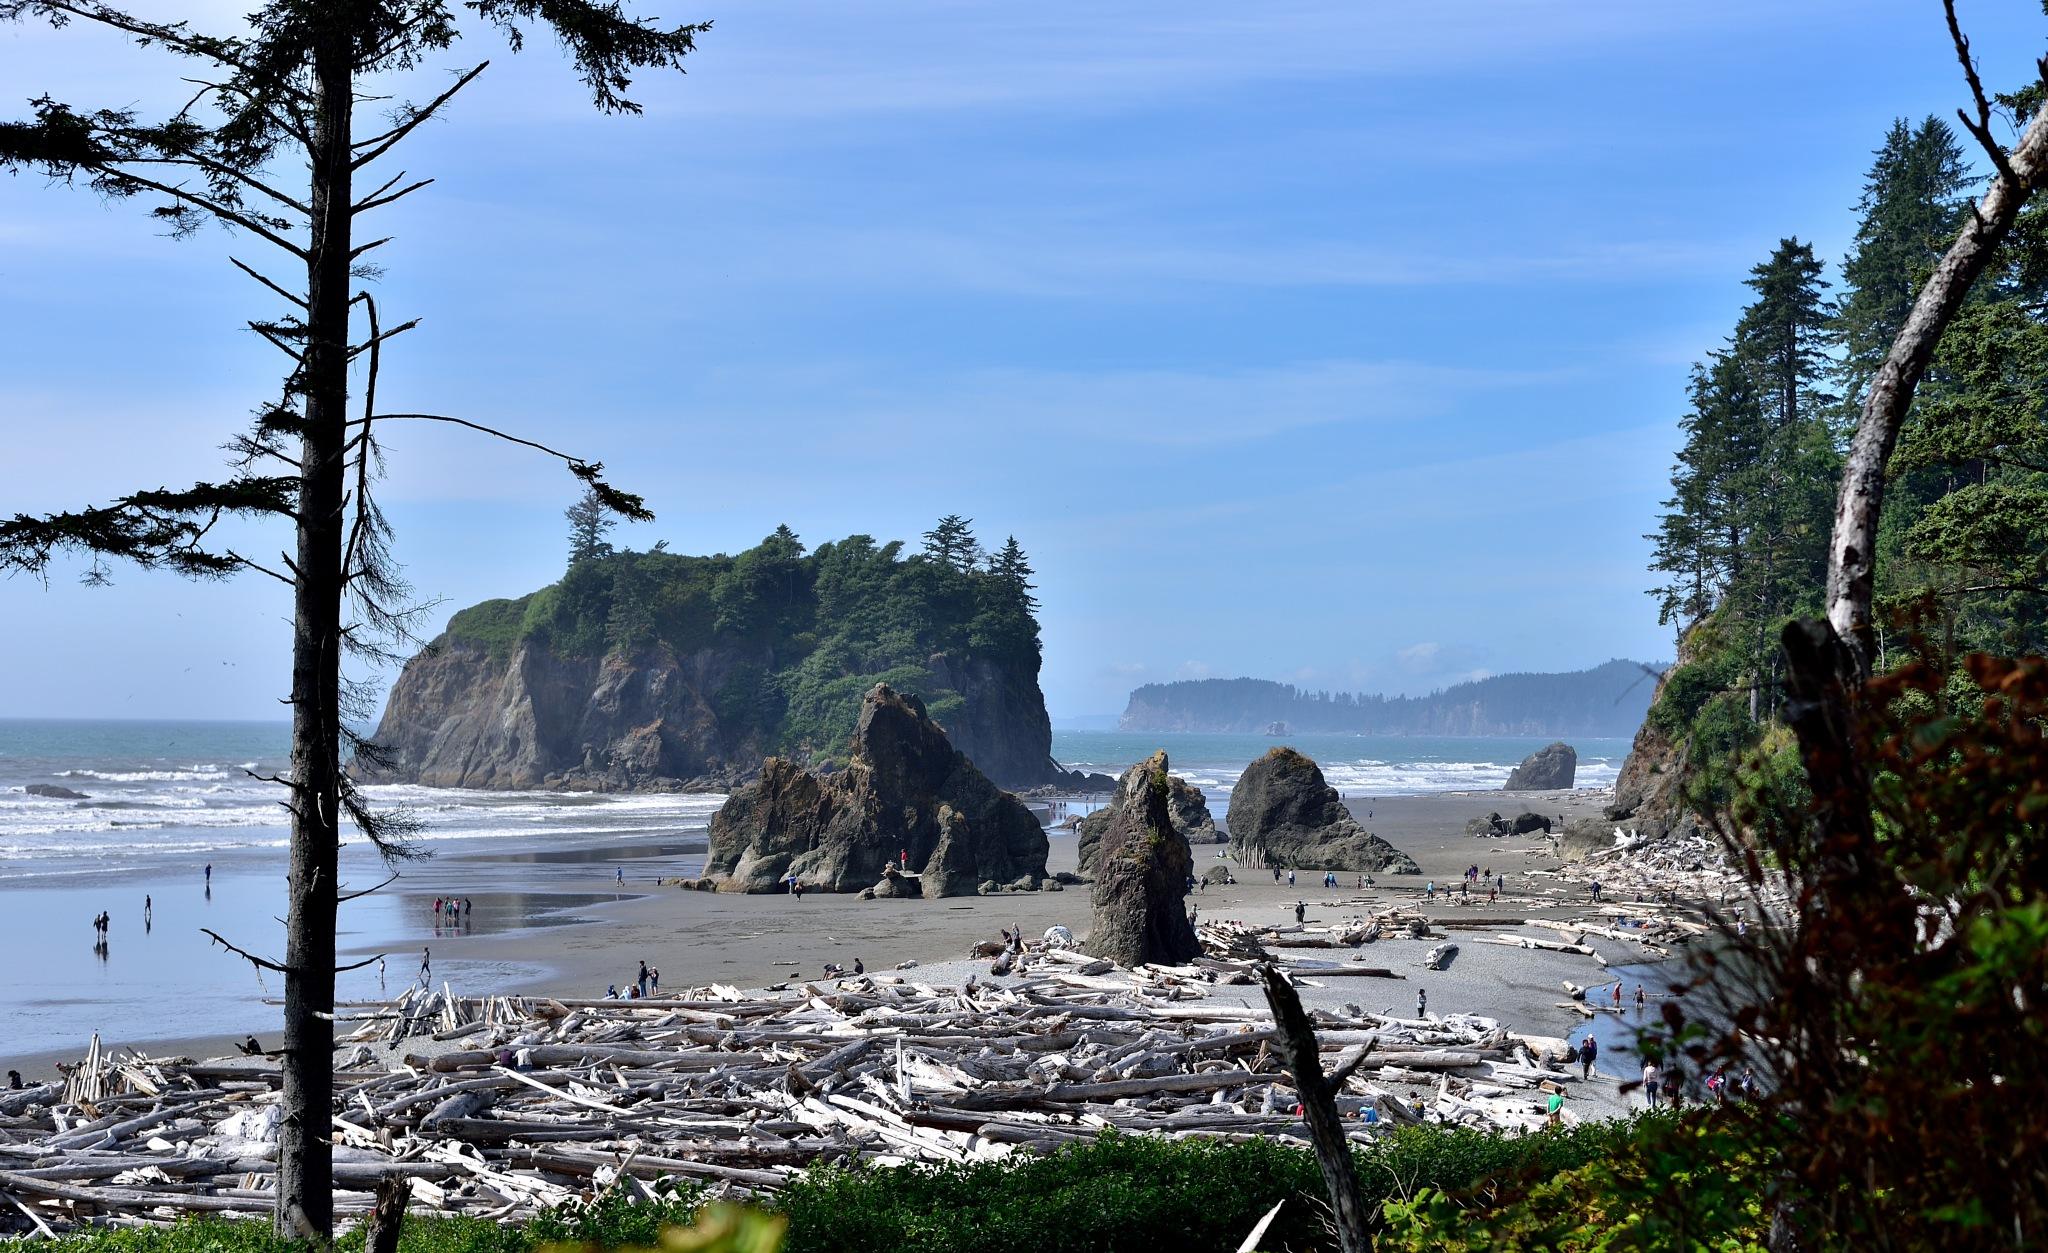 Ruby Beach, Washington by 808HabeloD.